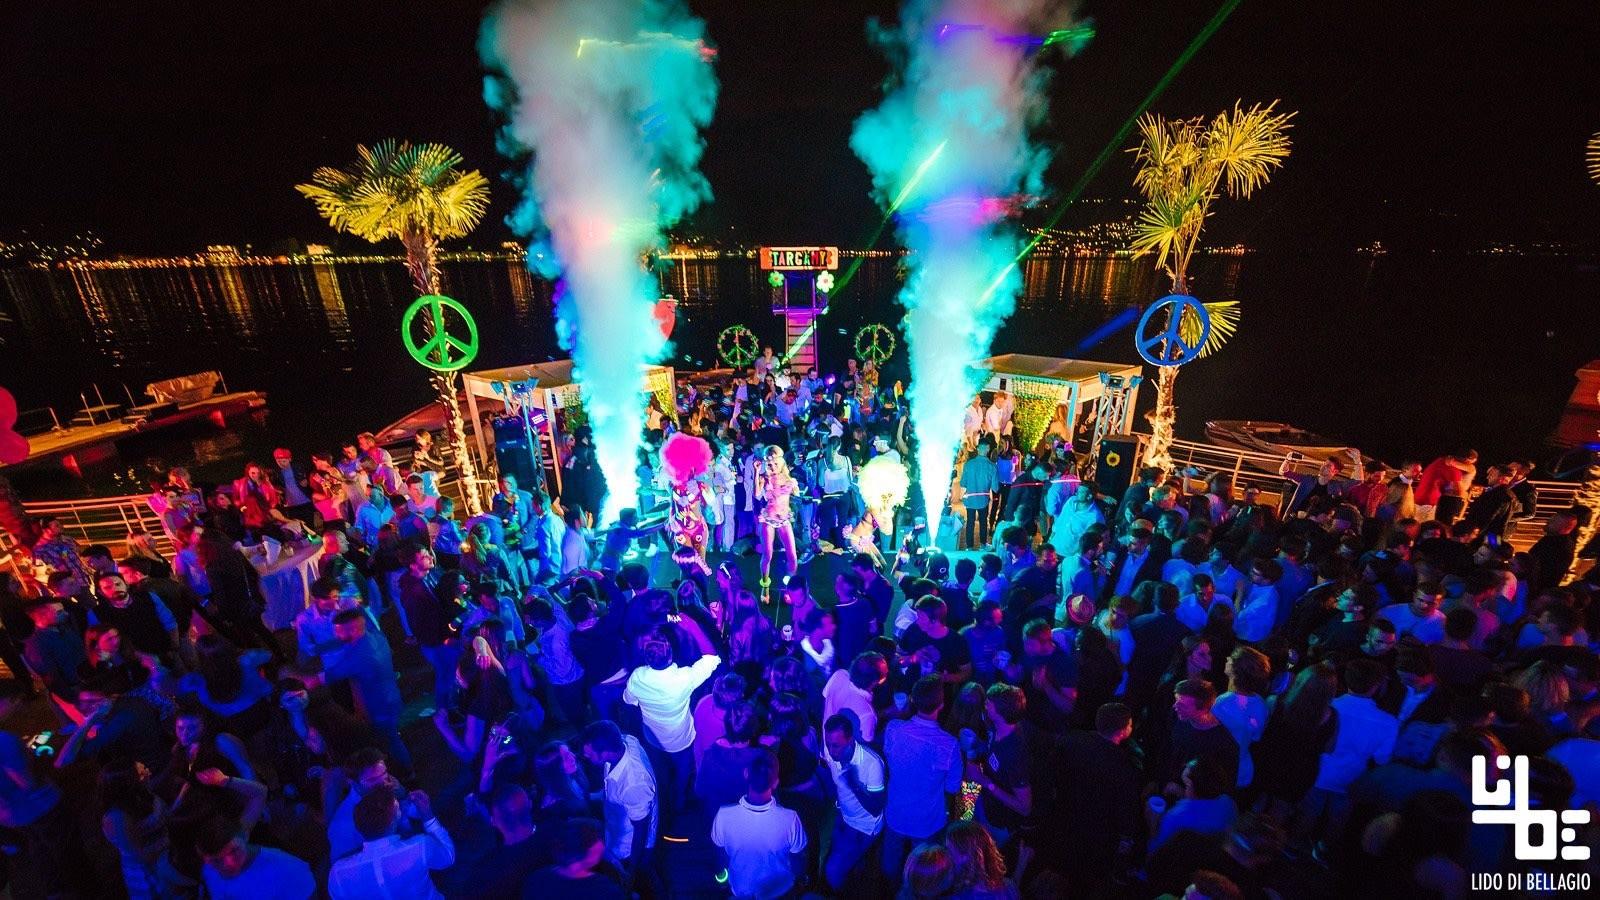 night club - Lido di Bellagio